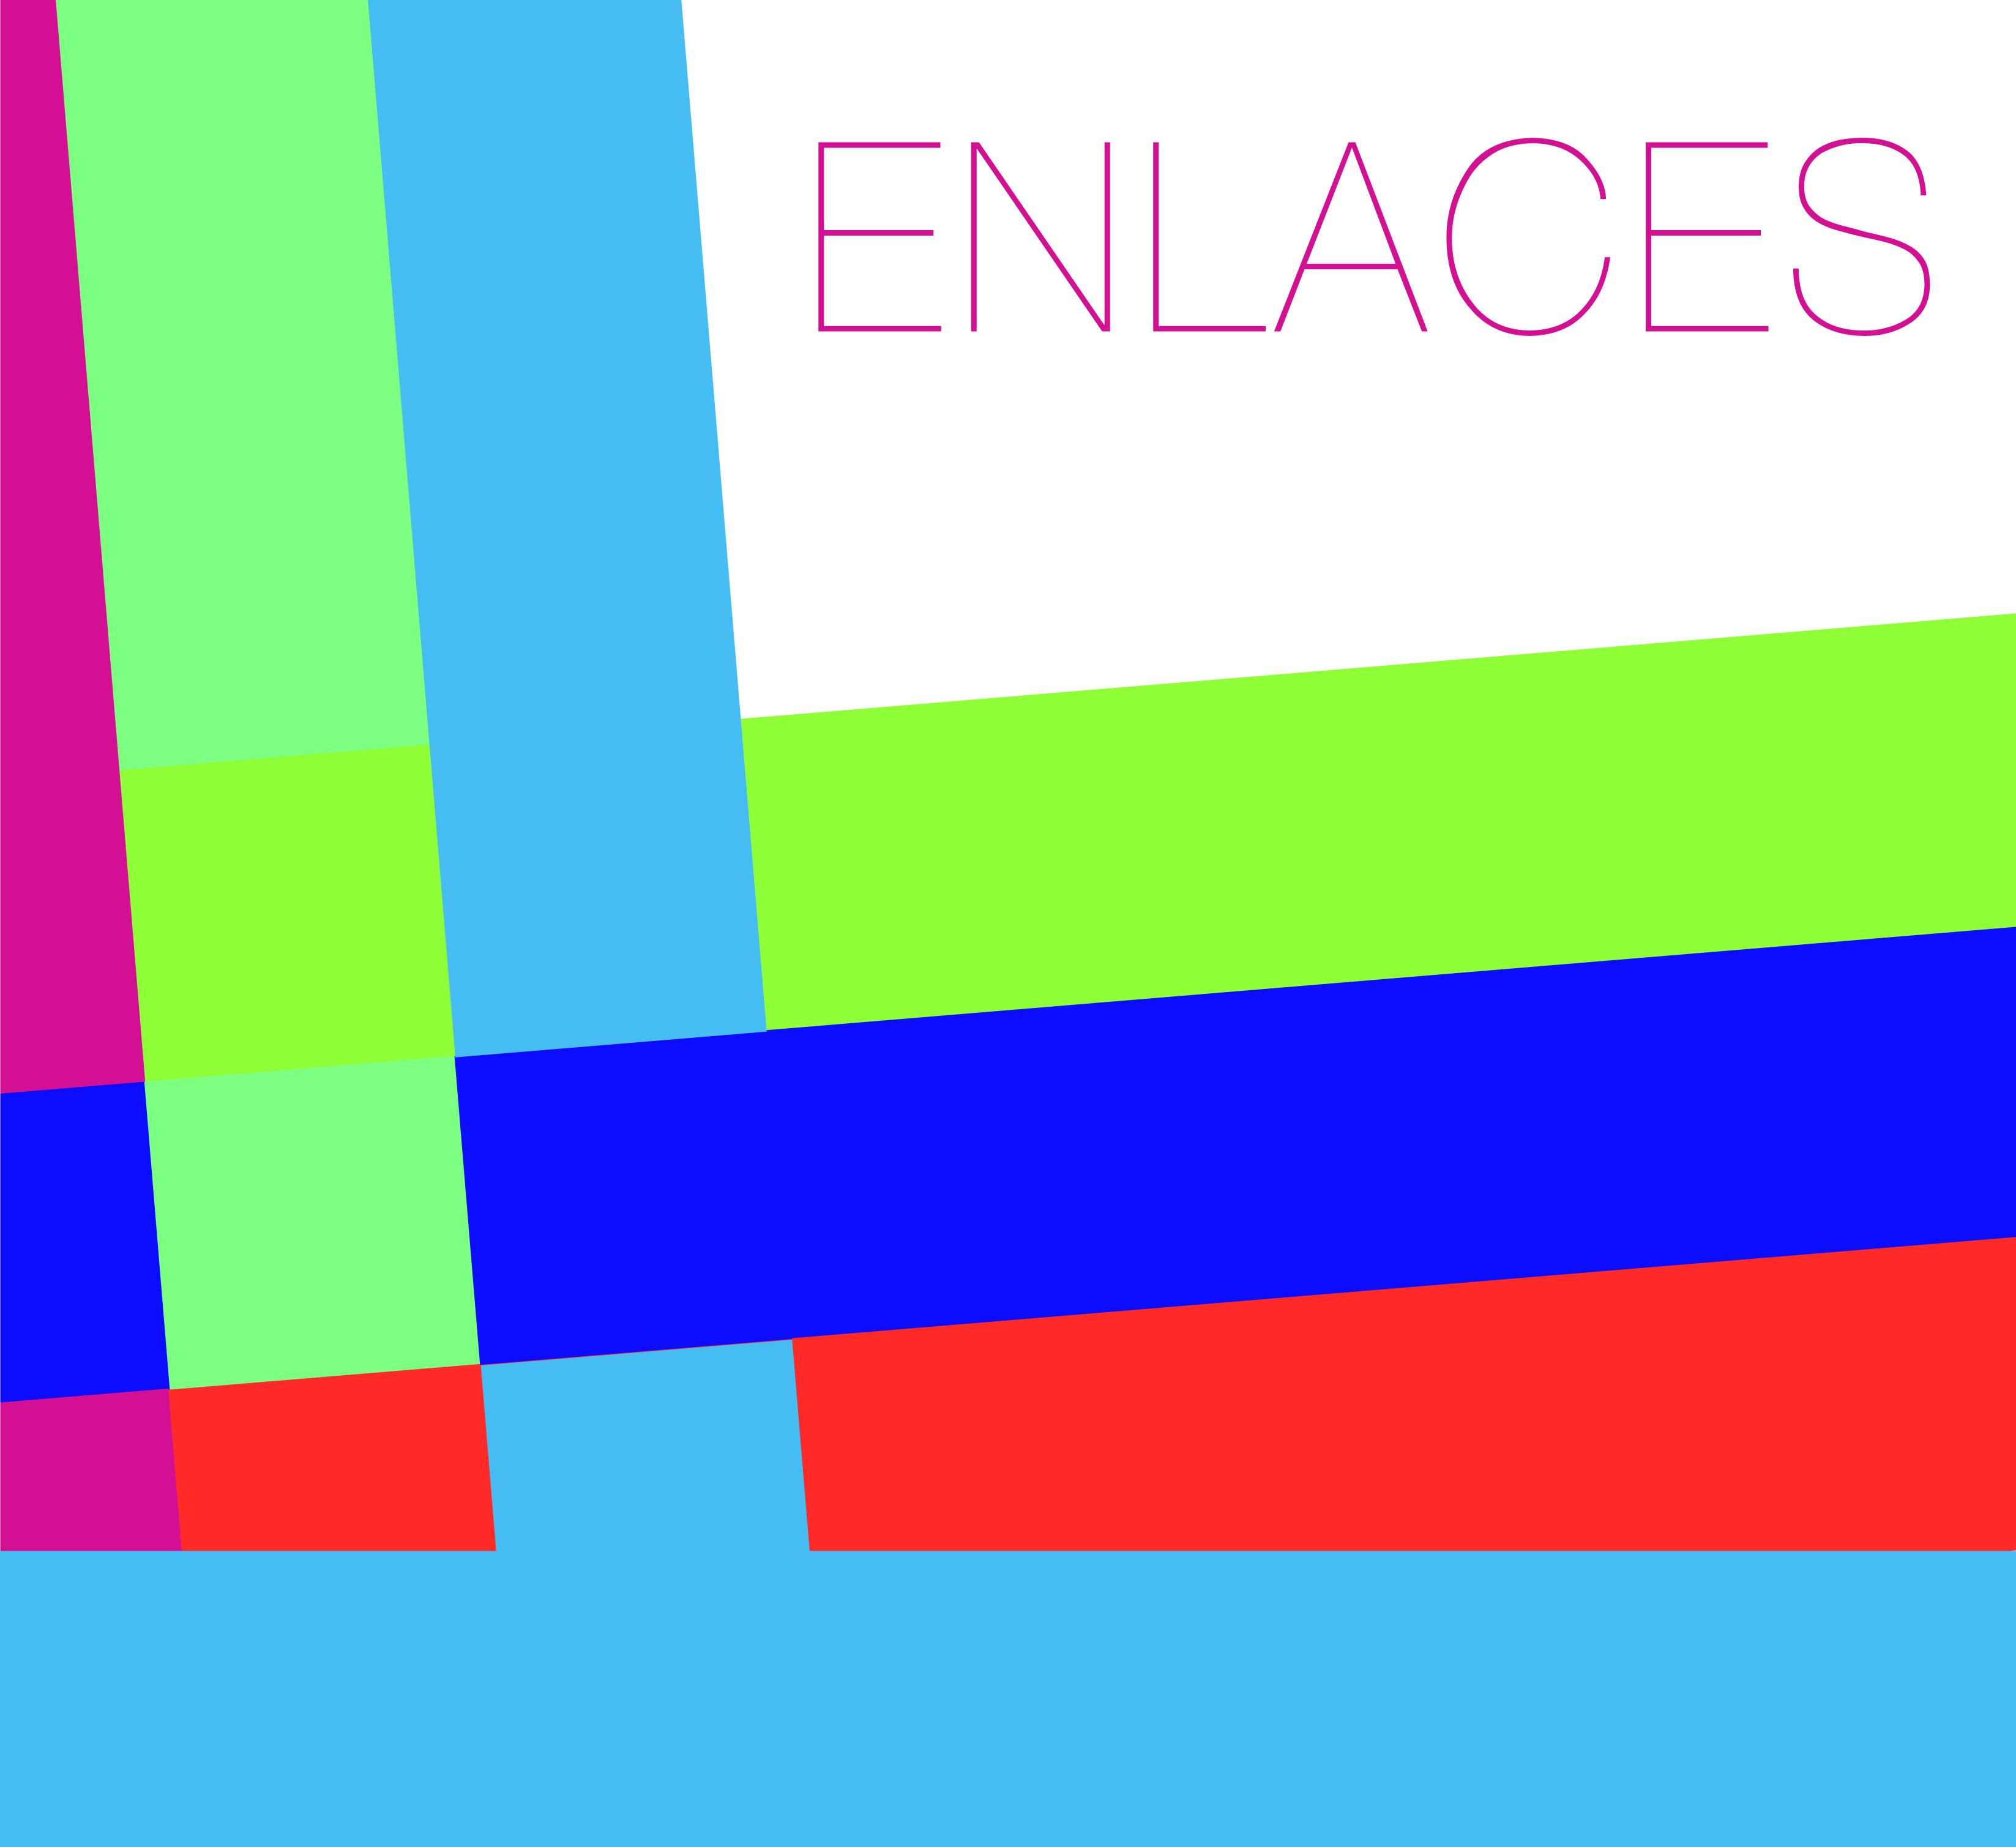 Enlaces Logo